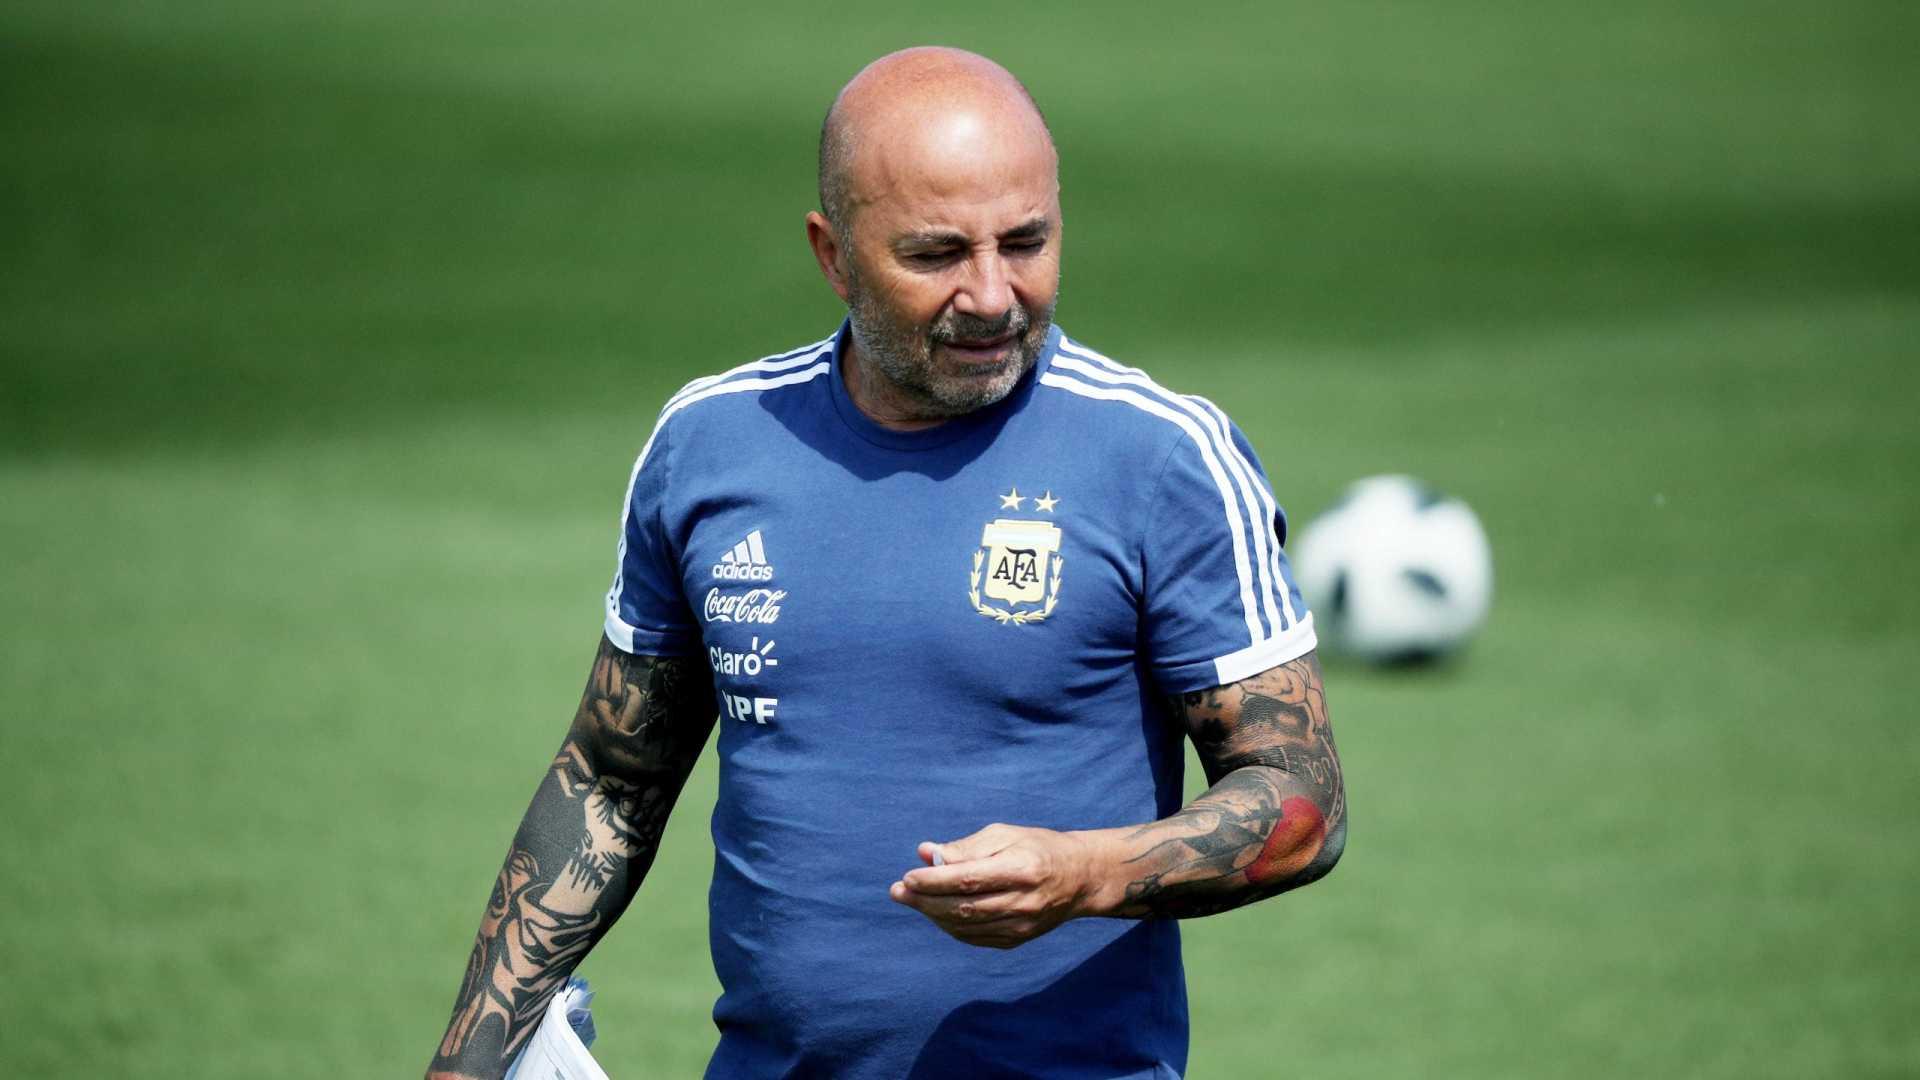 AFA anuncia a saída do técnico Jorge Sampaoli da seleção argentina